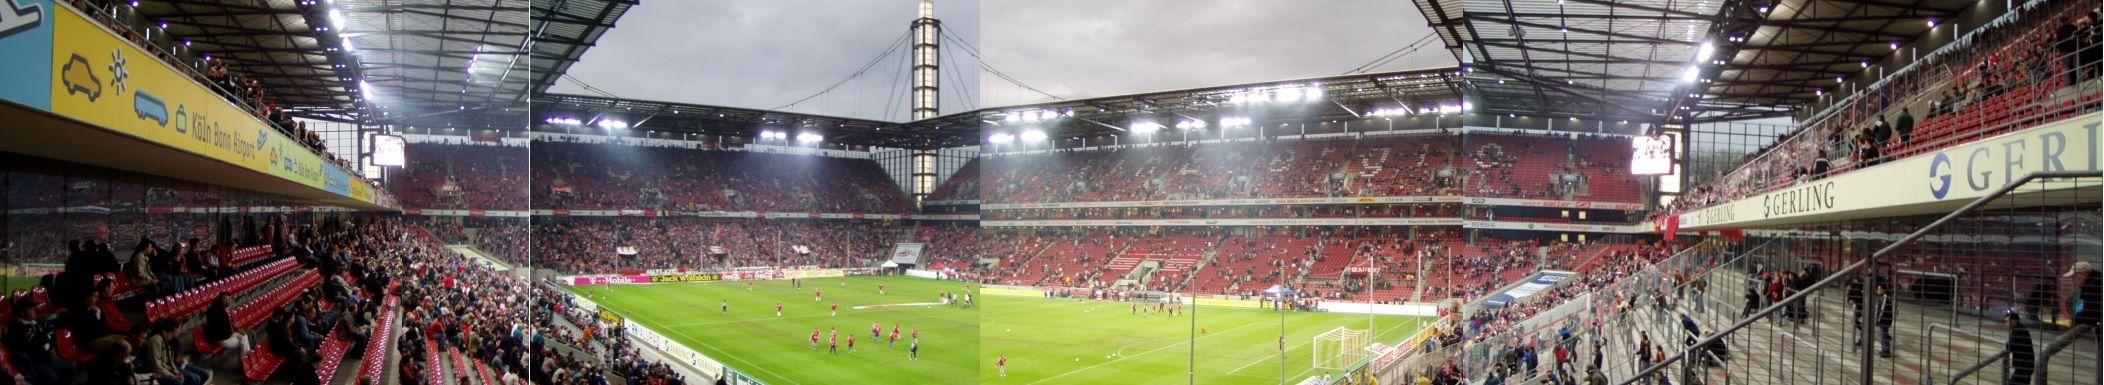 stadium-inside-composite-11